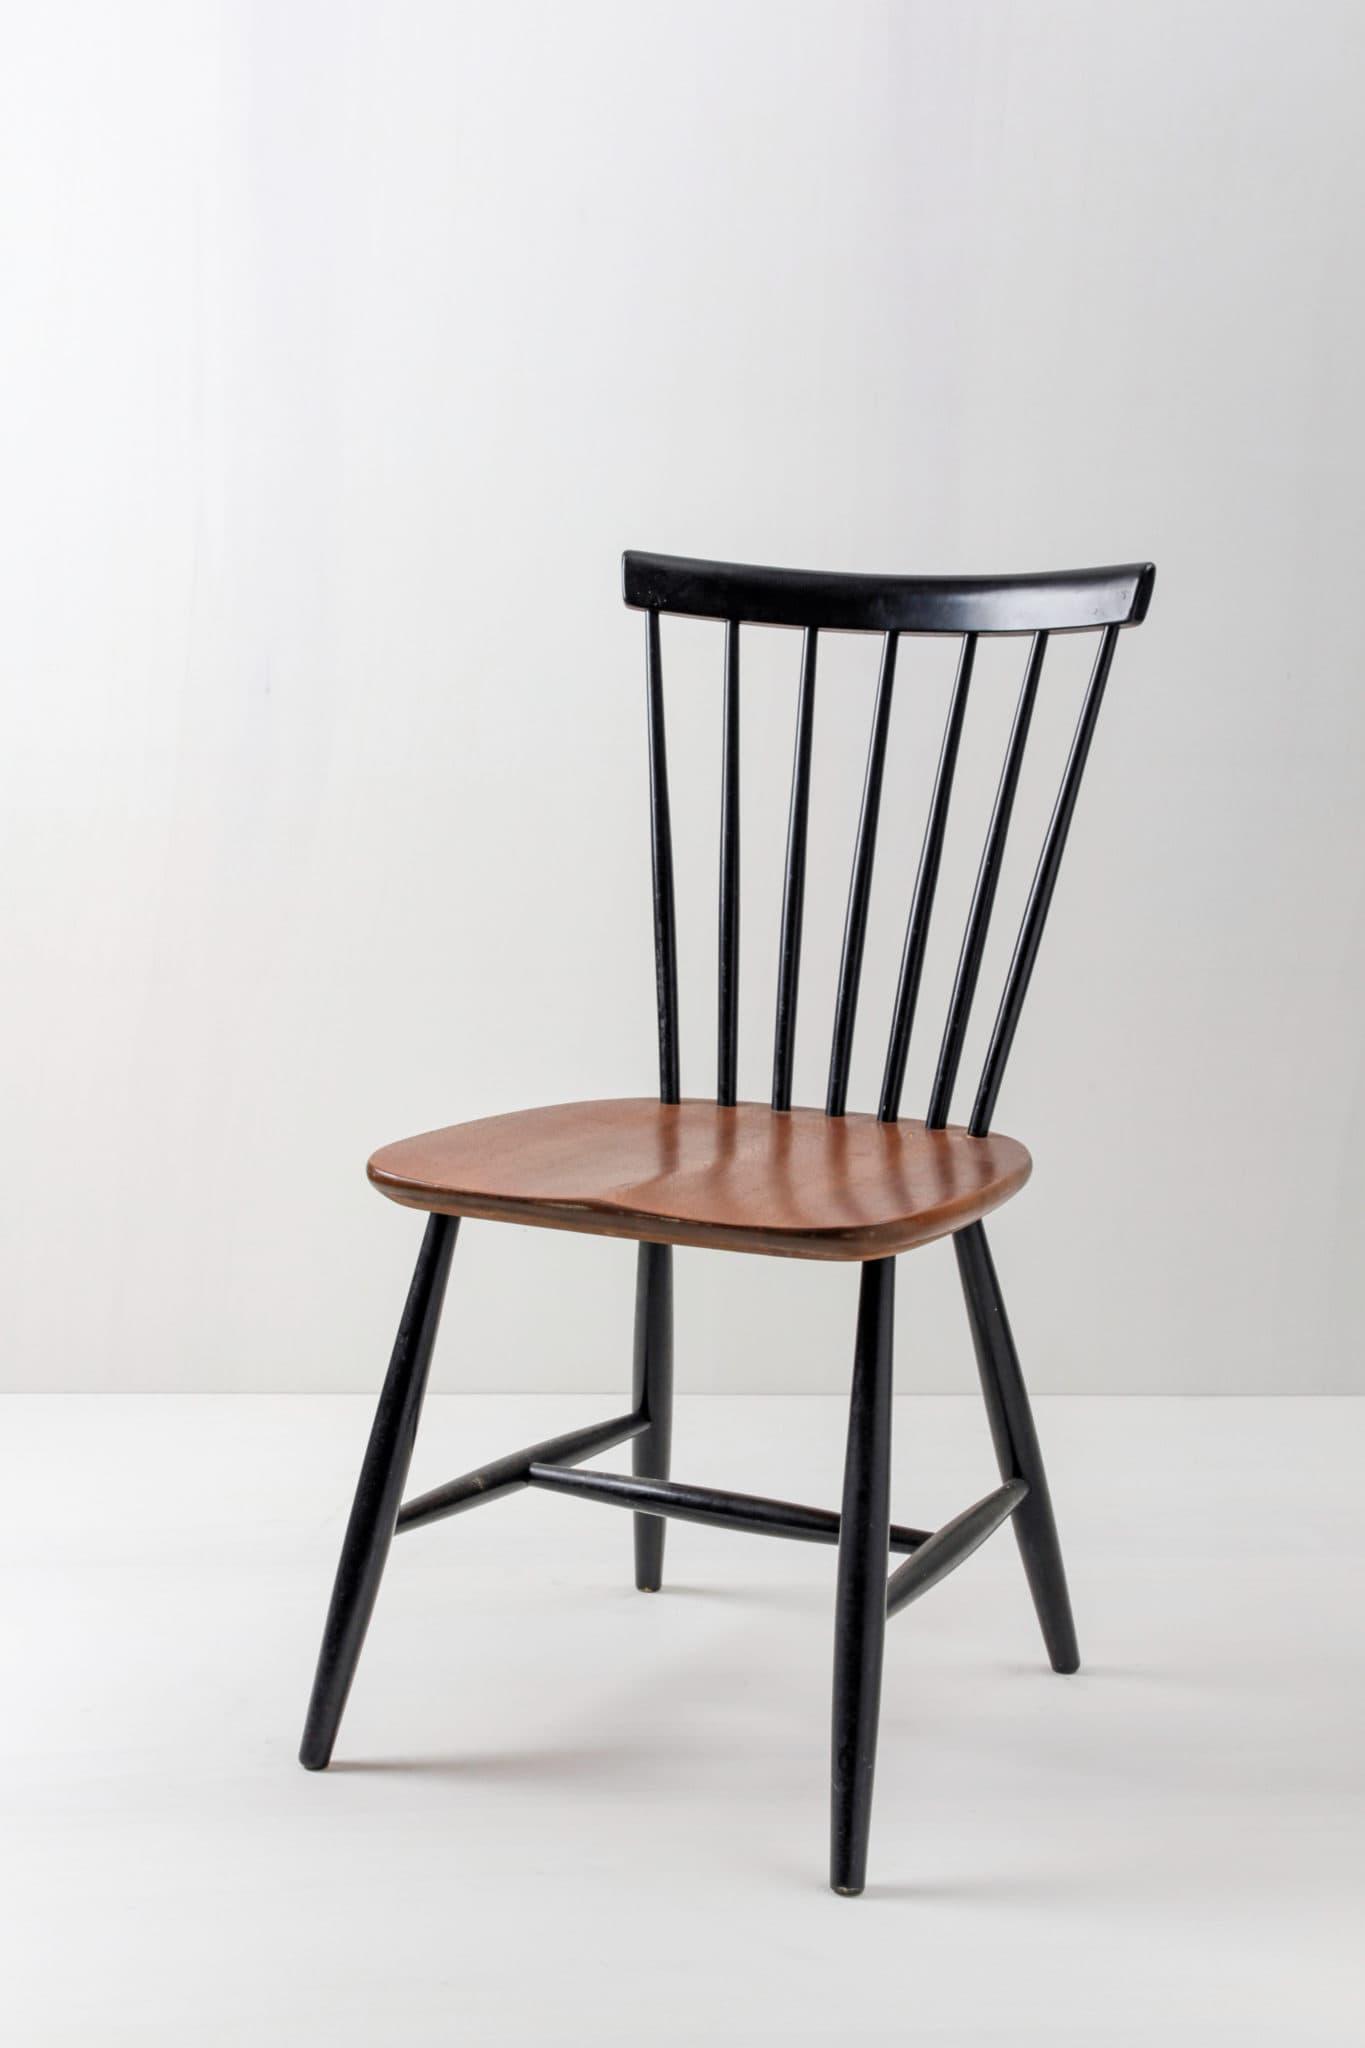 Besondere Stühle und Tische mieten, Verleih von Mietmöbeln